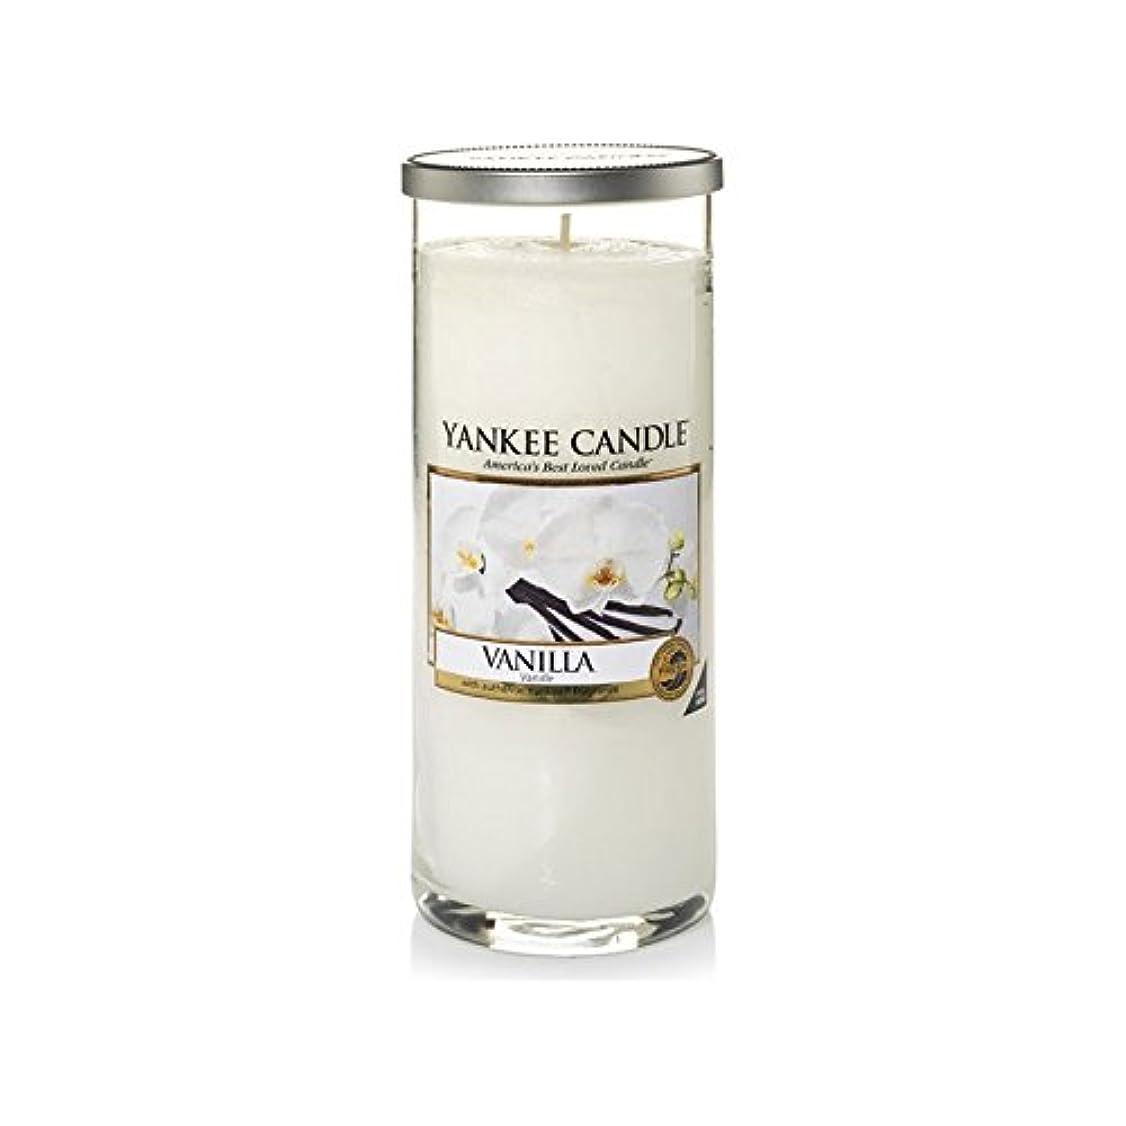 裂け目翻訳する発送Yankee Candles Large Pillar Candle - Vanilla (Pack of 2) - ヤンキーキャンドル大きな柱キャンドル - バニラ (x2) [並行輸入品]